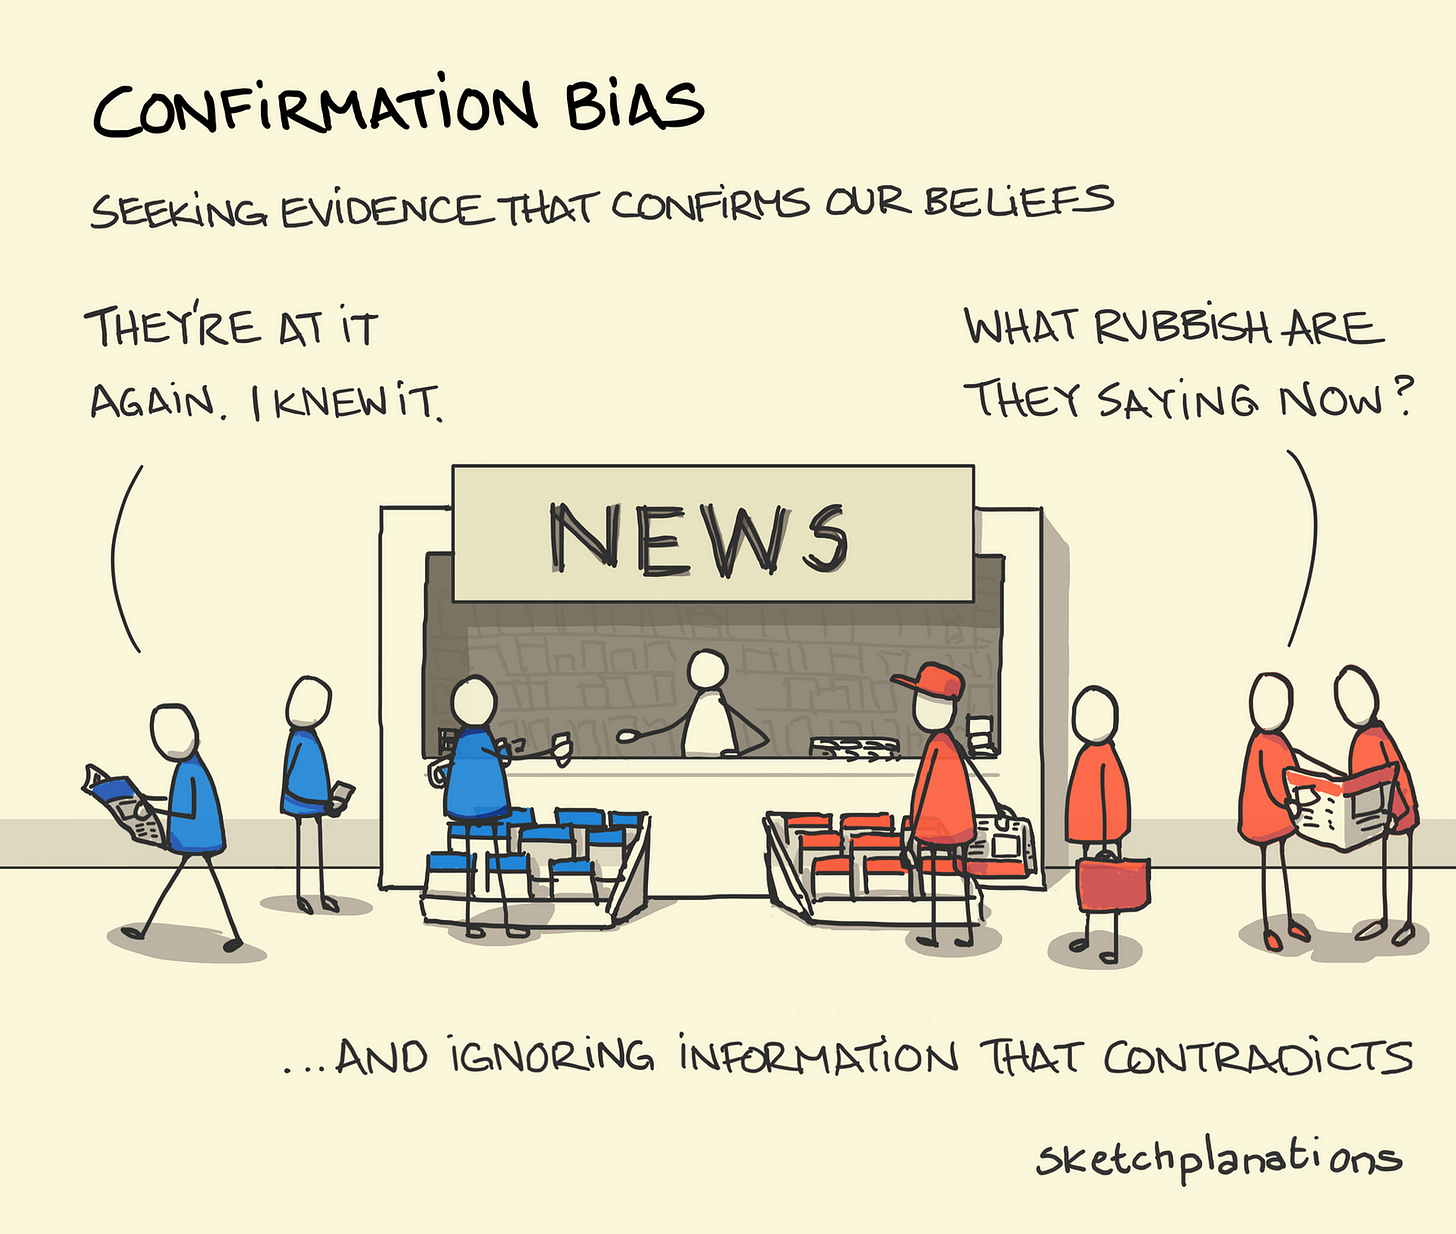 Confirmation bias - Sketchplanations